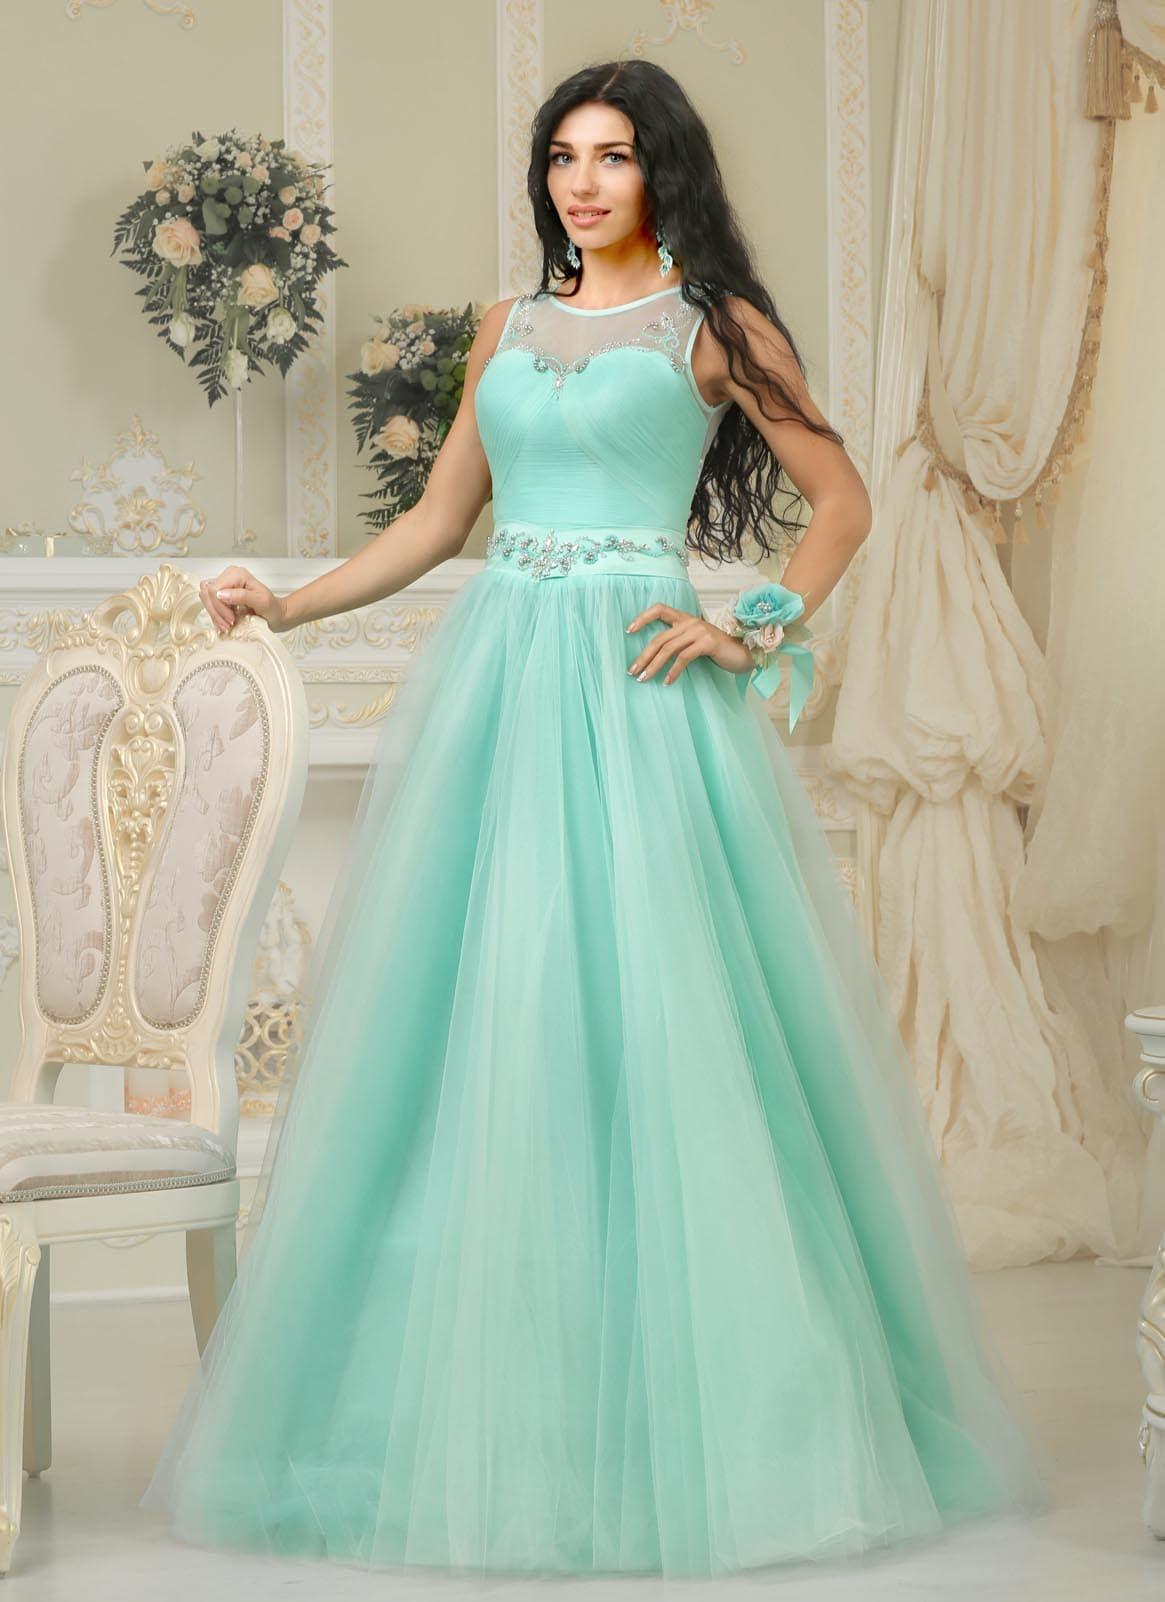 7cb21f5fe0e Пышное свадебное платье оригинального бирюзового оттенка с вышивкой на лифе.